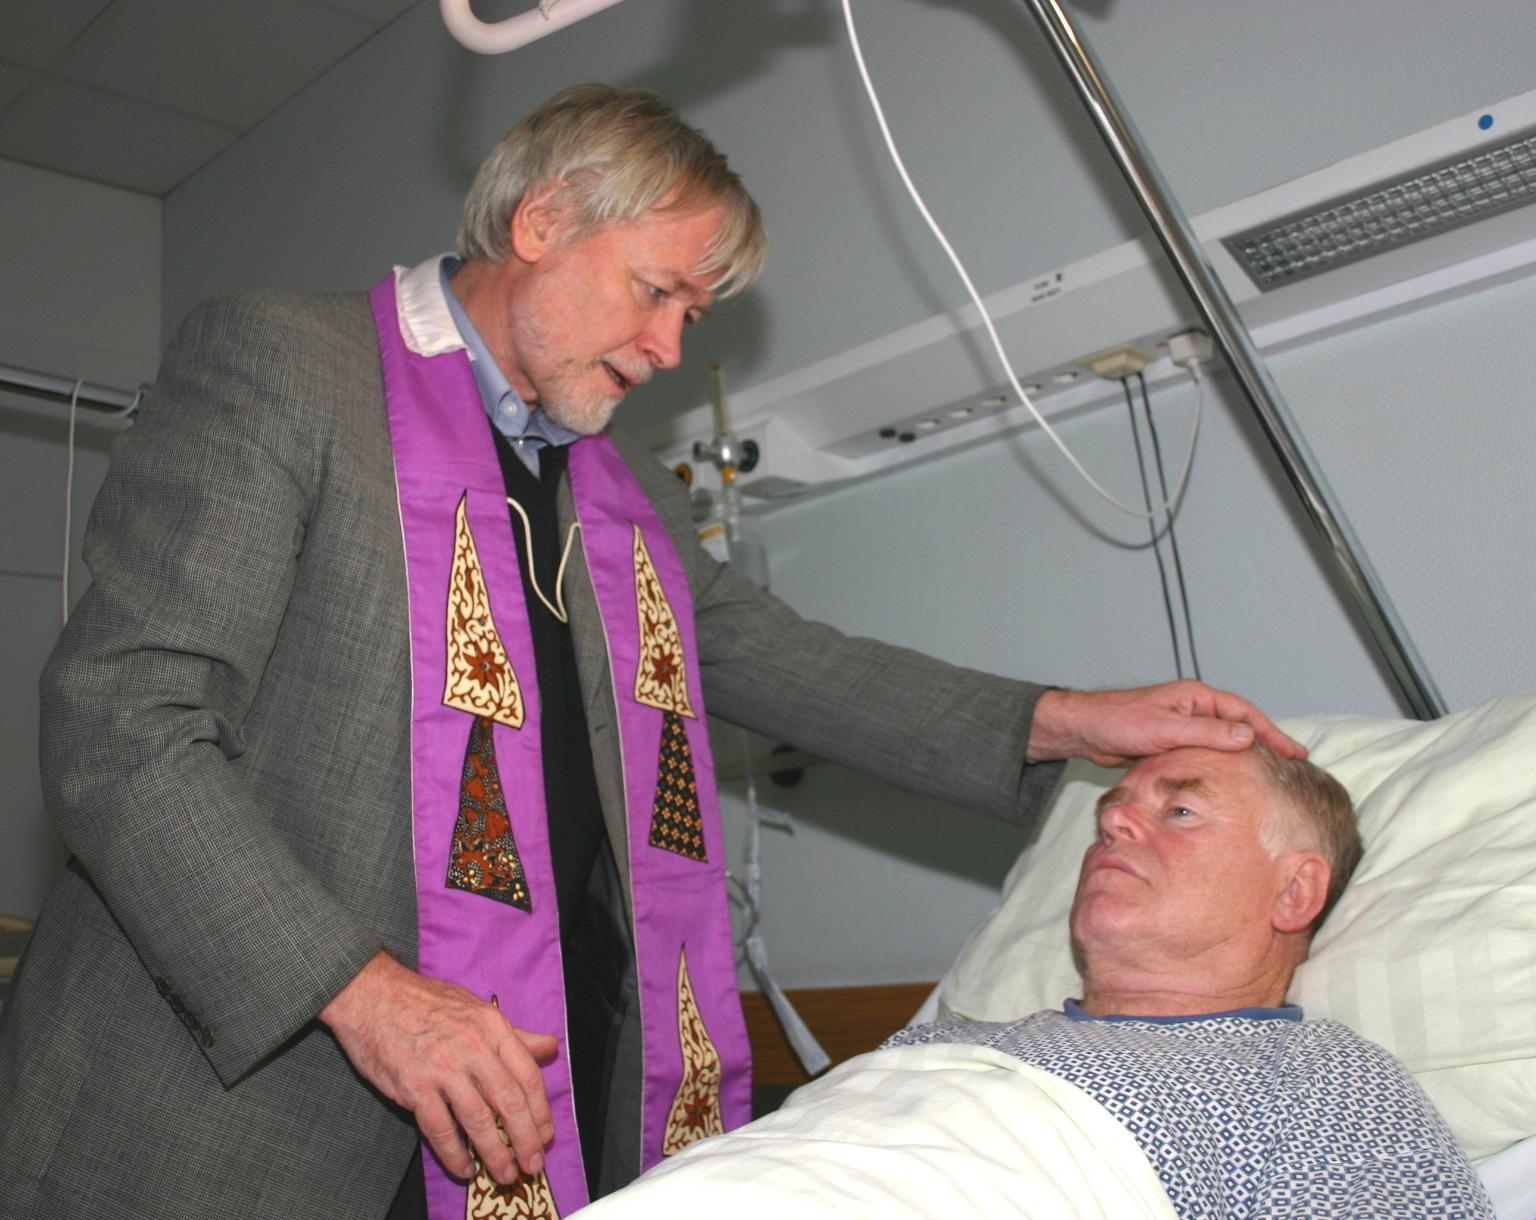 Krankenkommunion und Krankensalbung (c) Peter Weidemann in Pfarrbriefservice.de